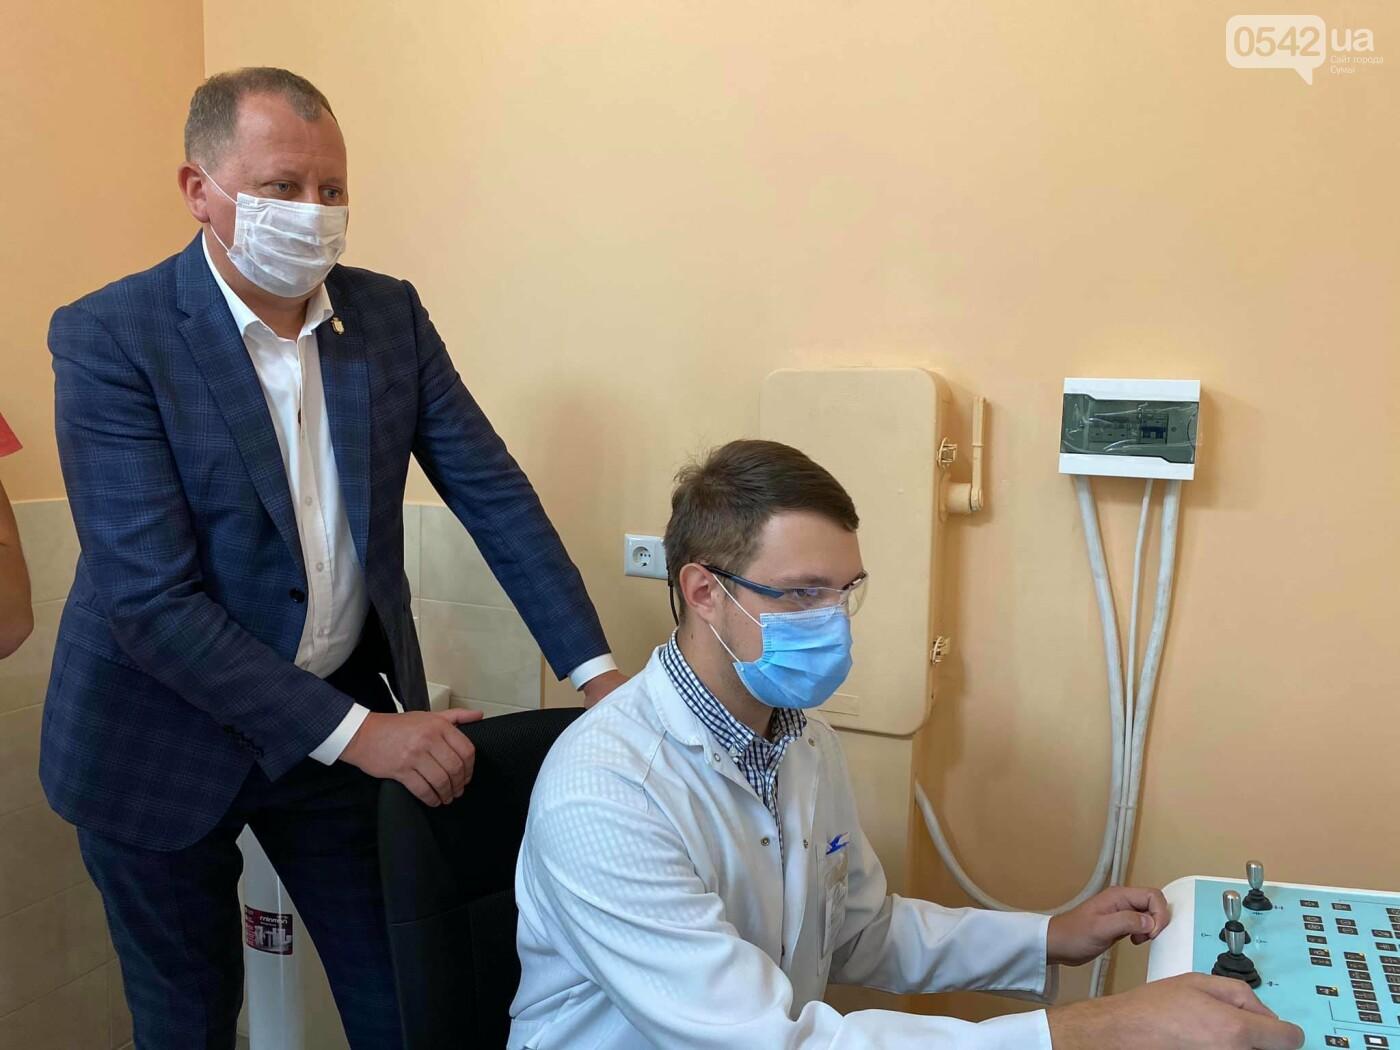 Олександр ЛИСЕНКО під час виїзної наради до 5 міської лікарні ознайомився з обладнанням, яке тепер буде використовуватися для діагностики з..., фото-3